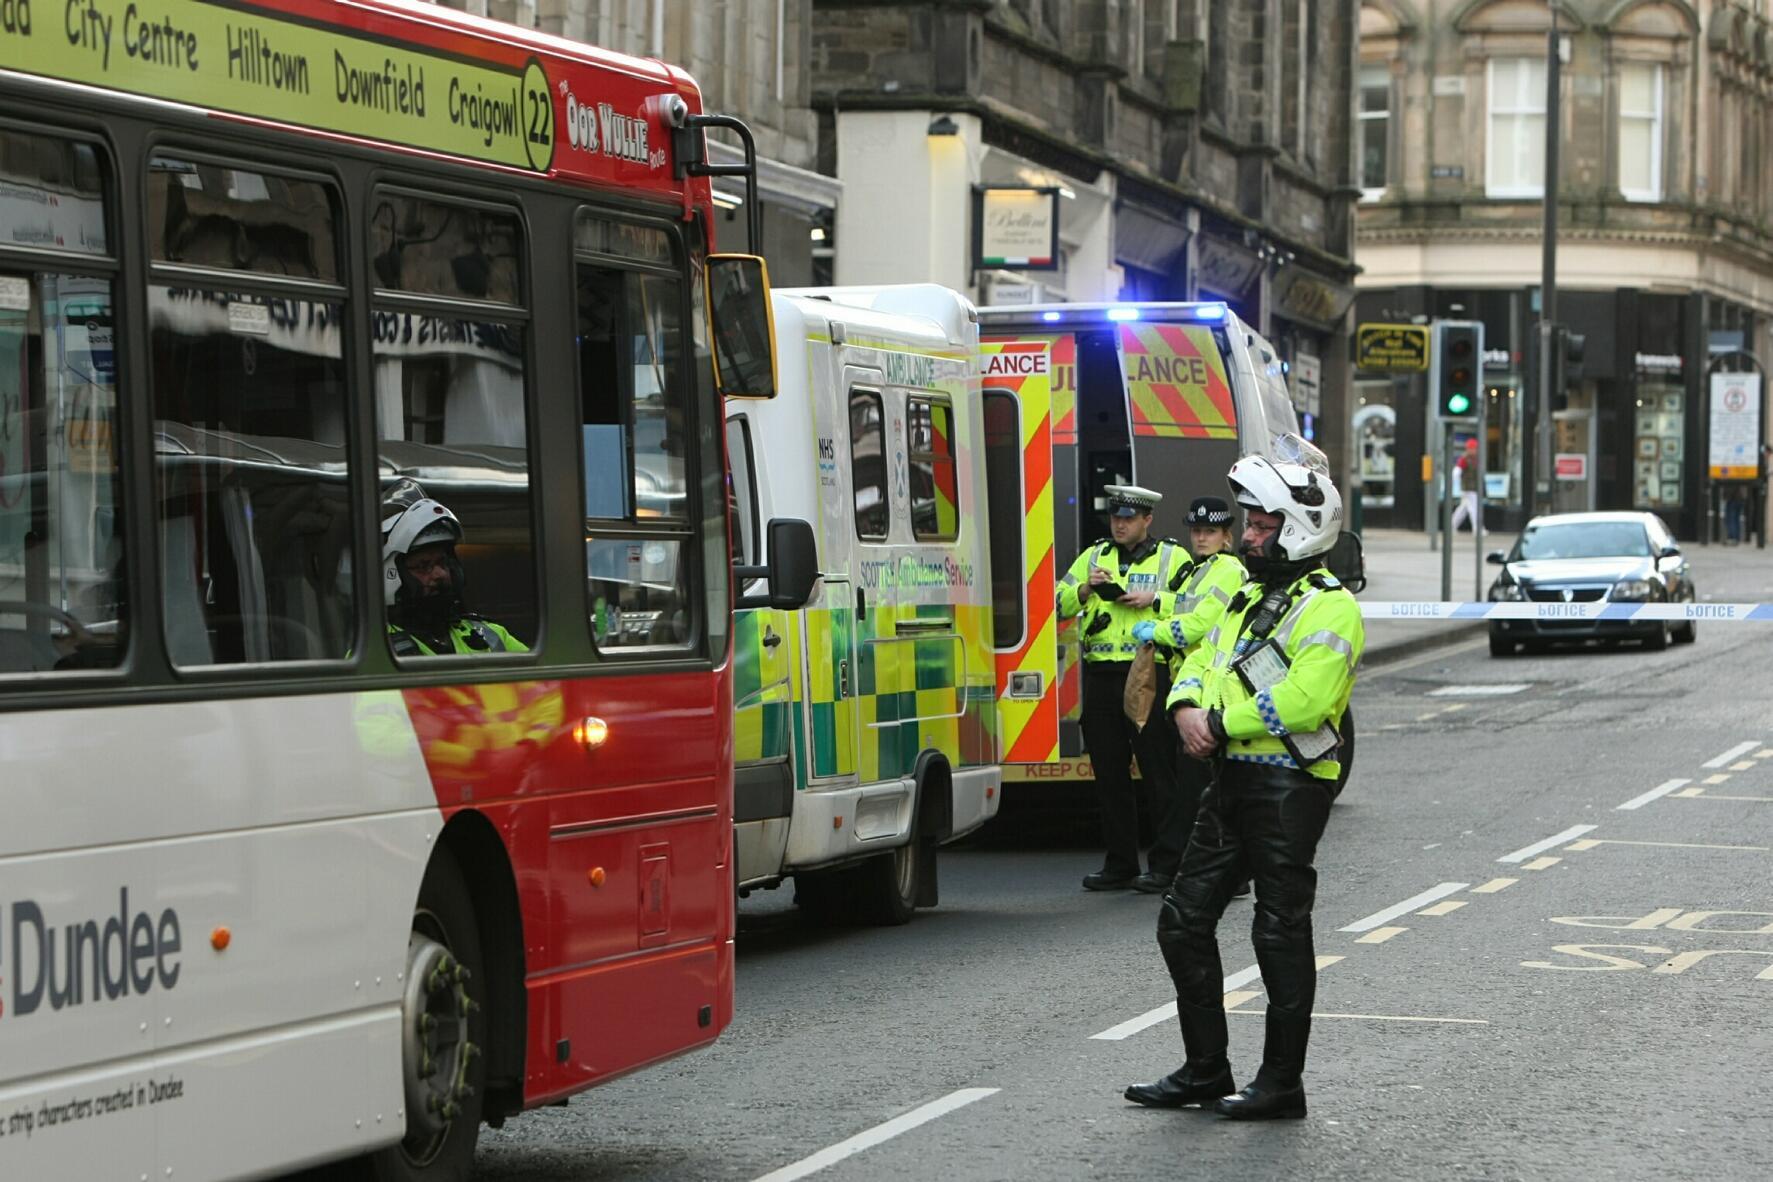 The scene of the crash back in 2012.